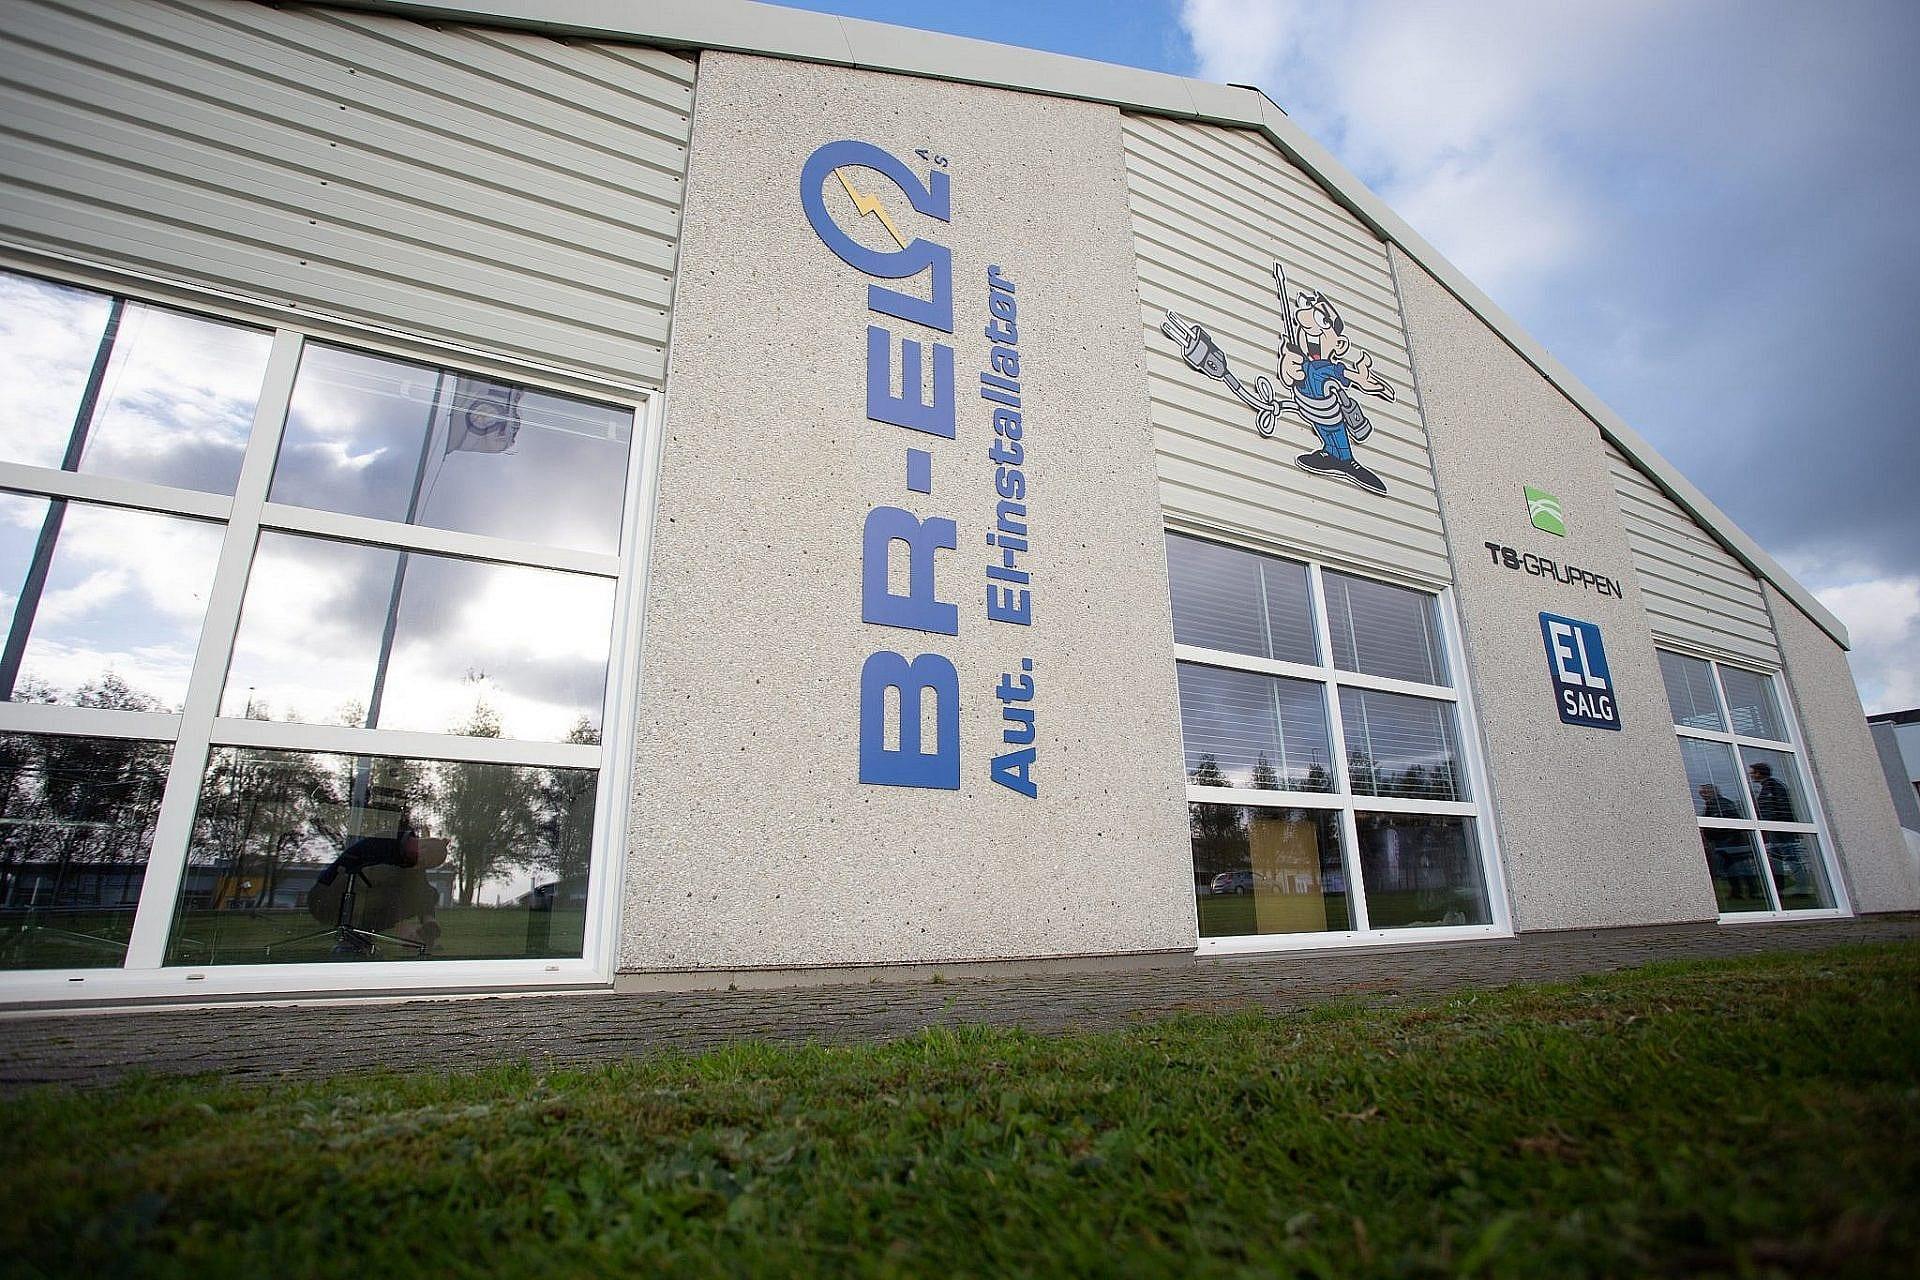 Åbningstider for BR-EL Elektriker Afdeling i Ølgod